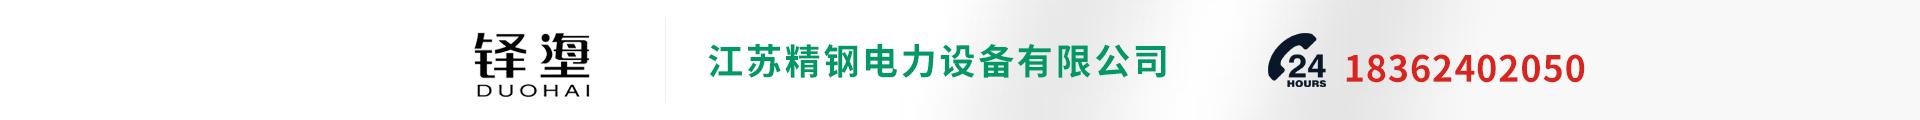 江蘇精鋼電力設備有限公司